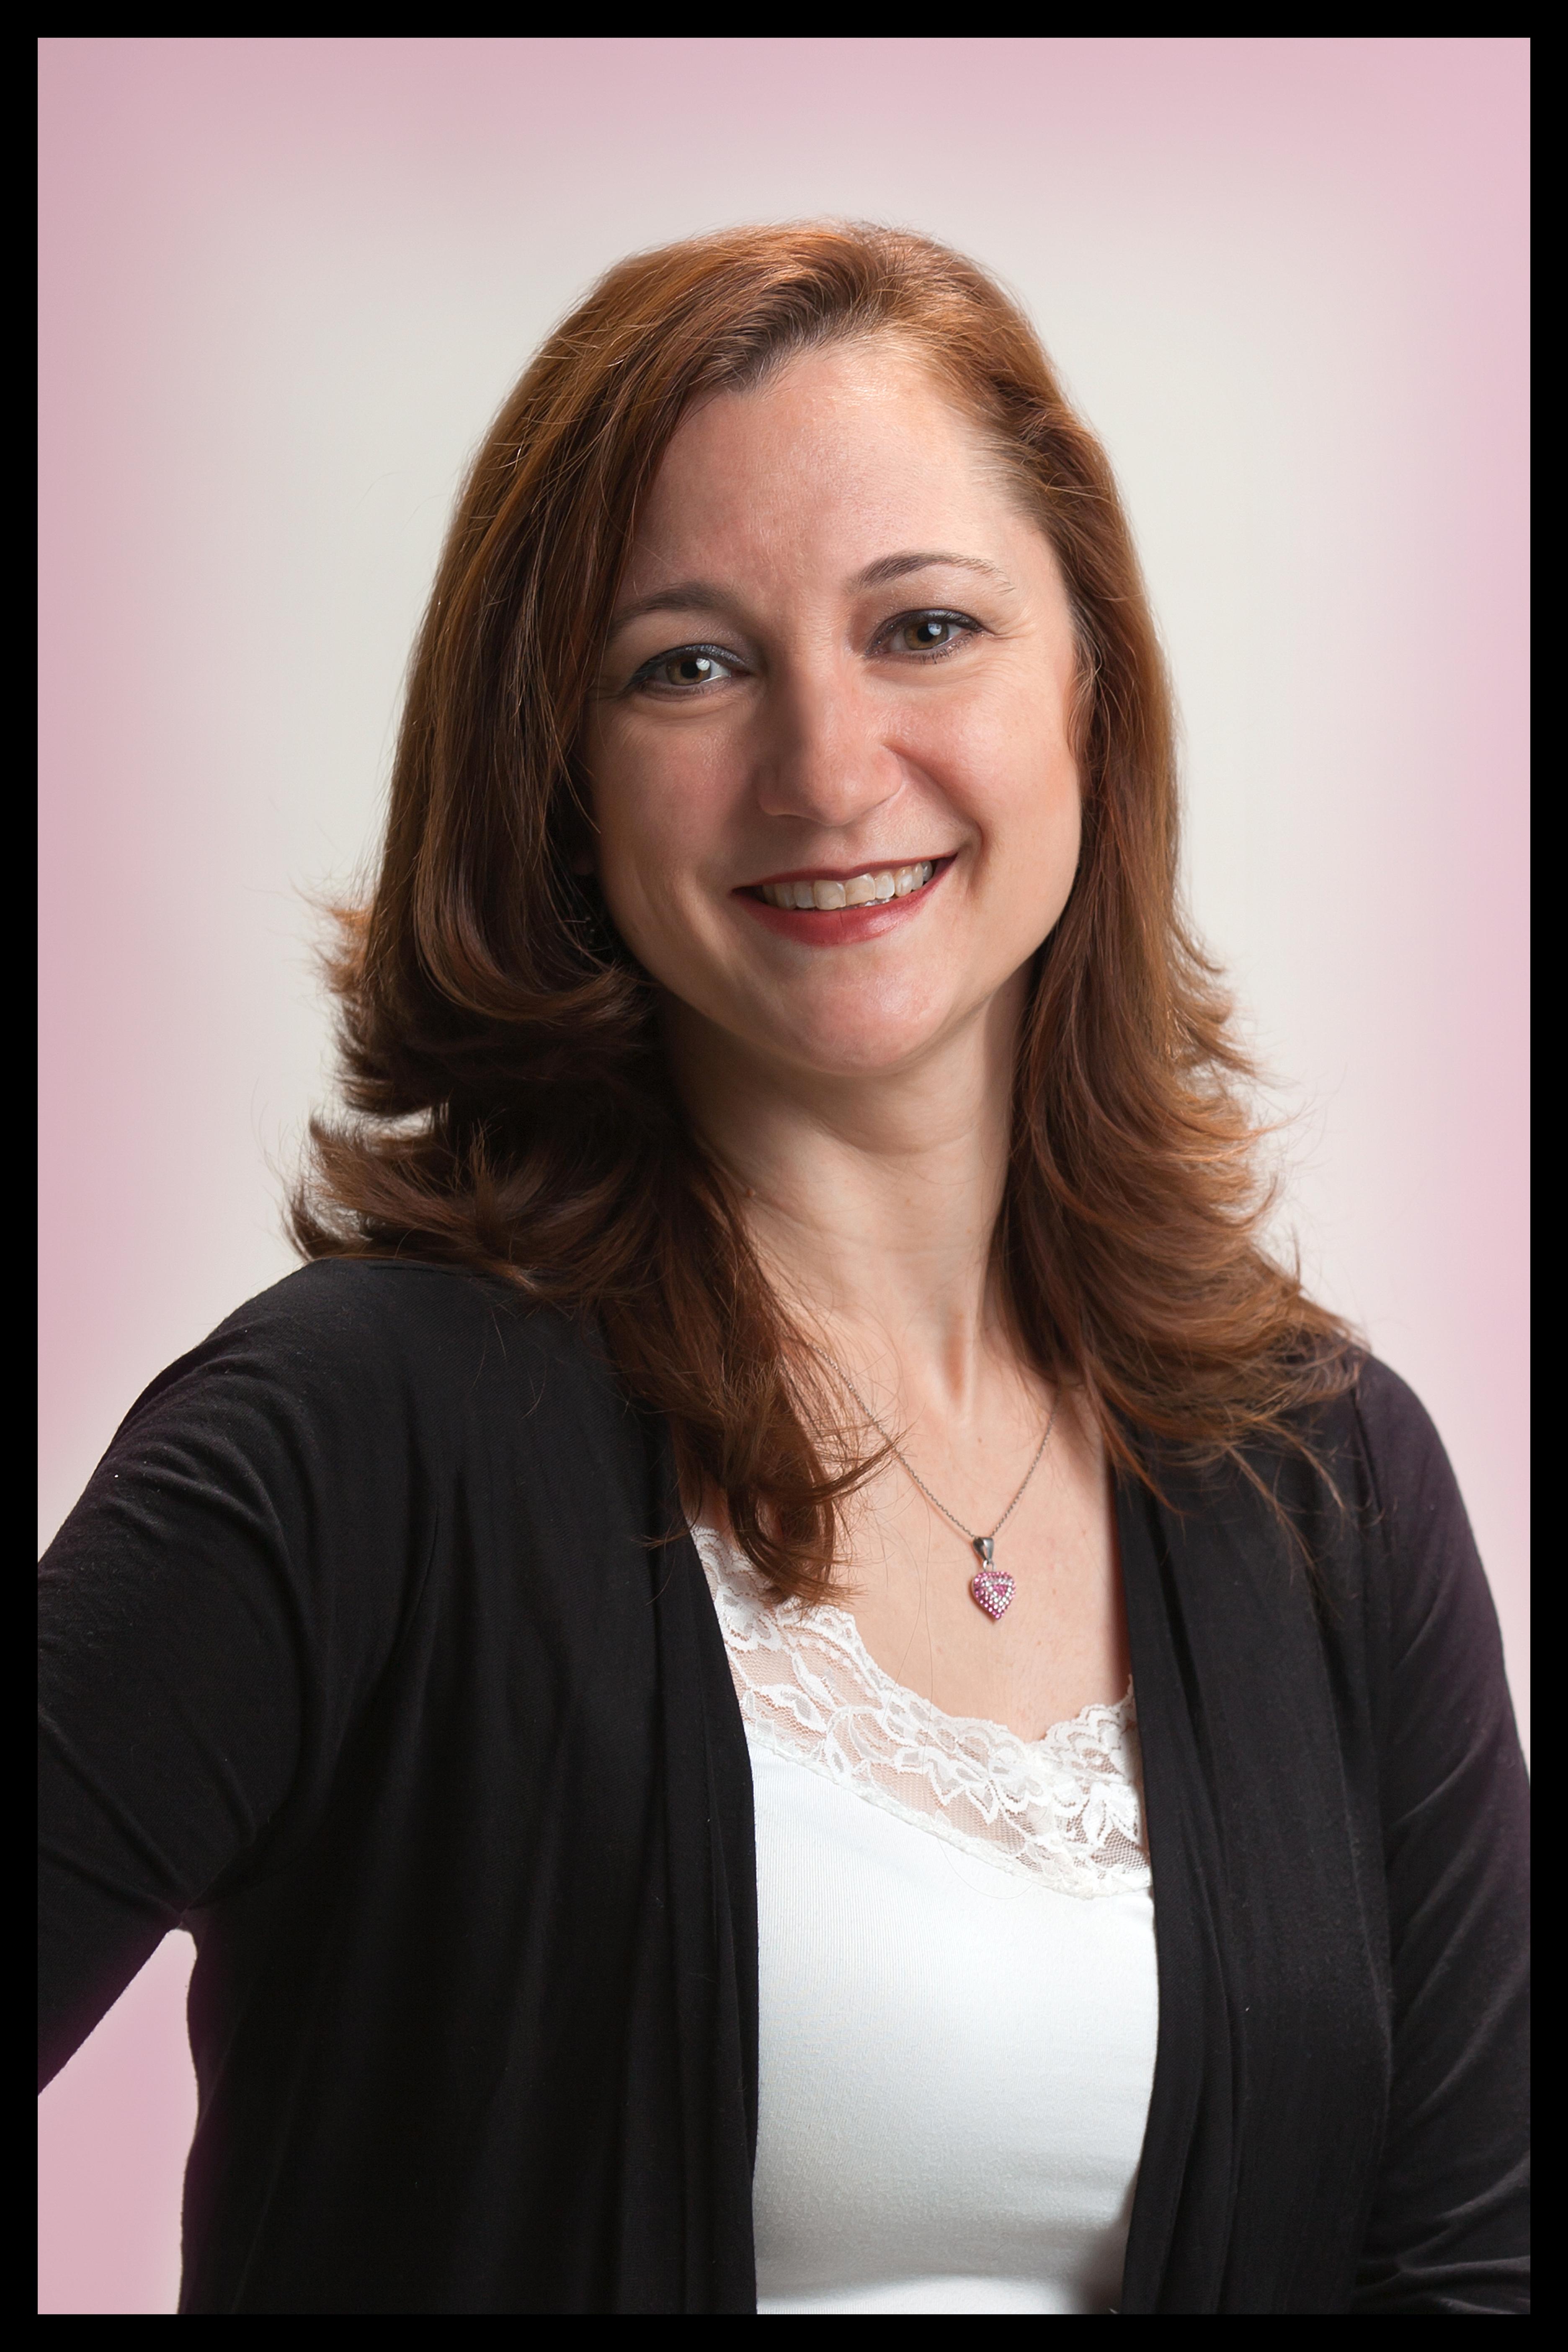 Ms. Brenda Langan